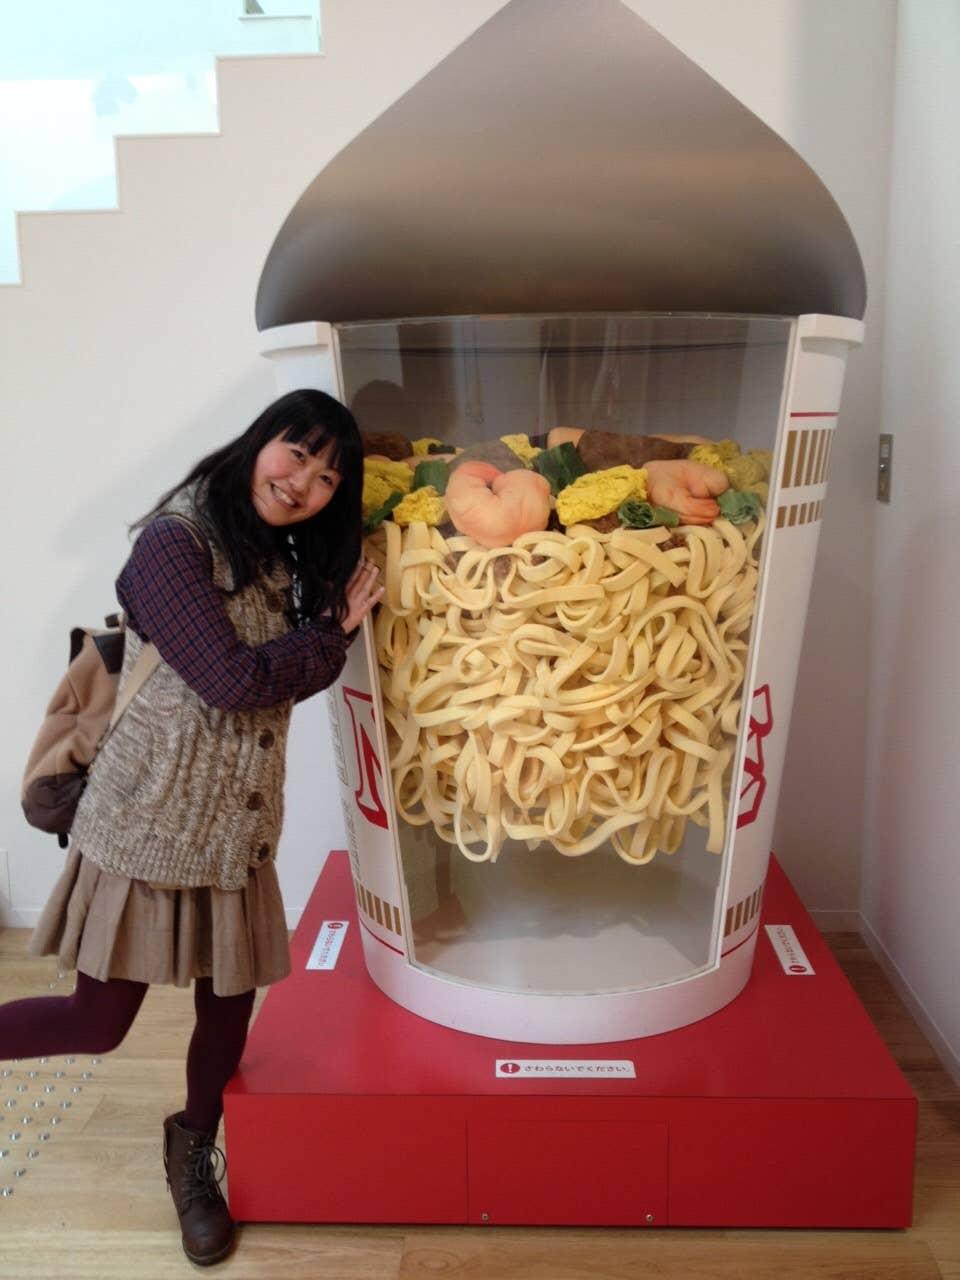 Atsumi Fujihara